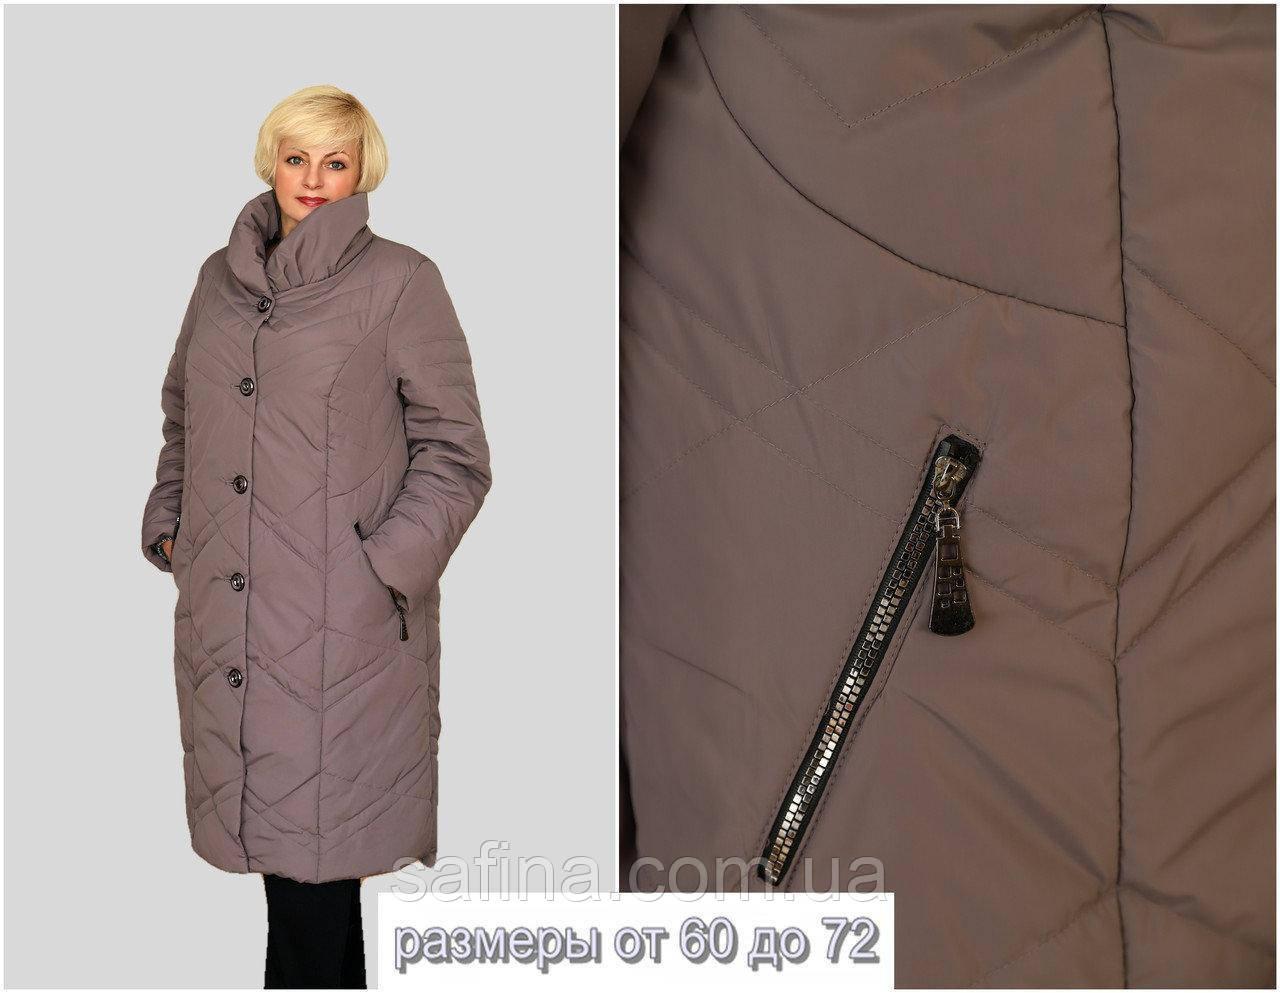 Женская куртка кофейная супербатал до 72 размера